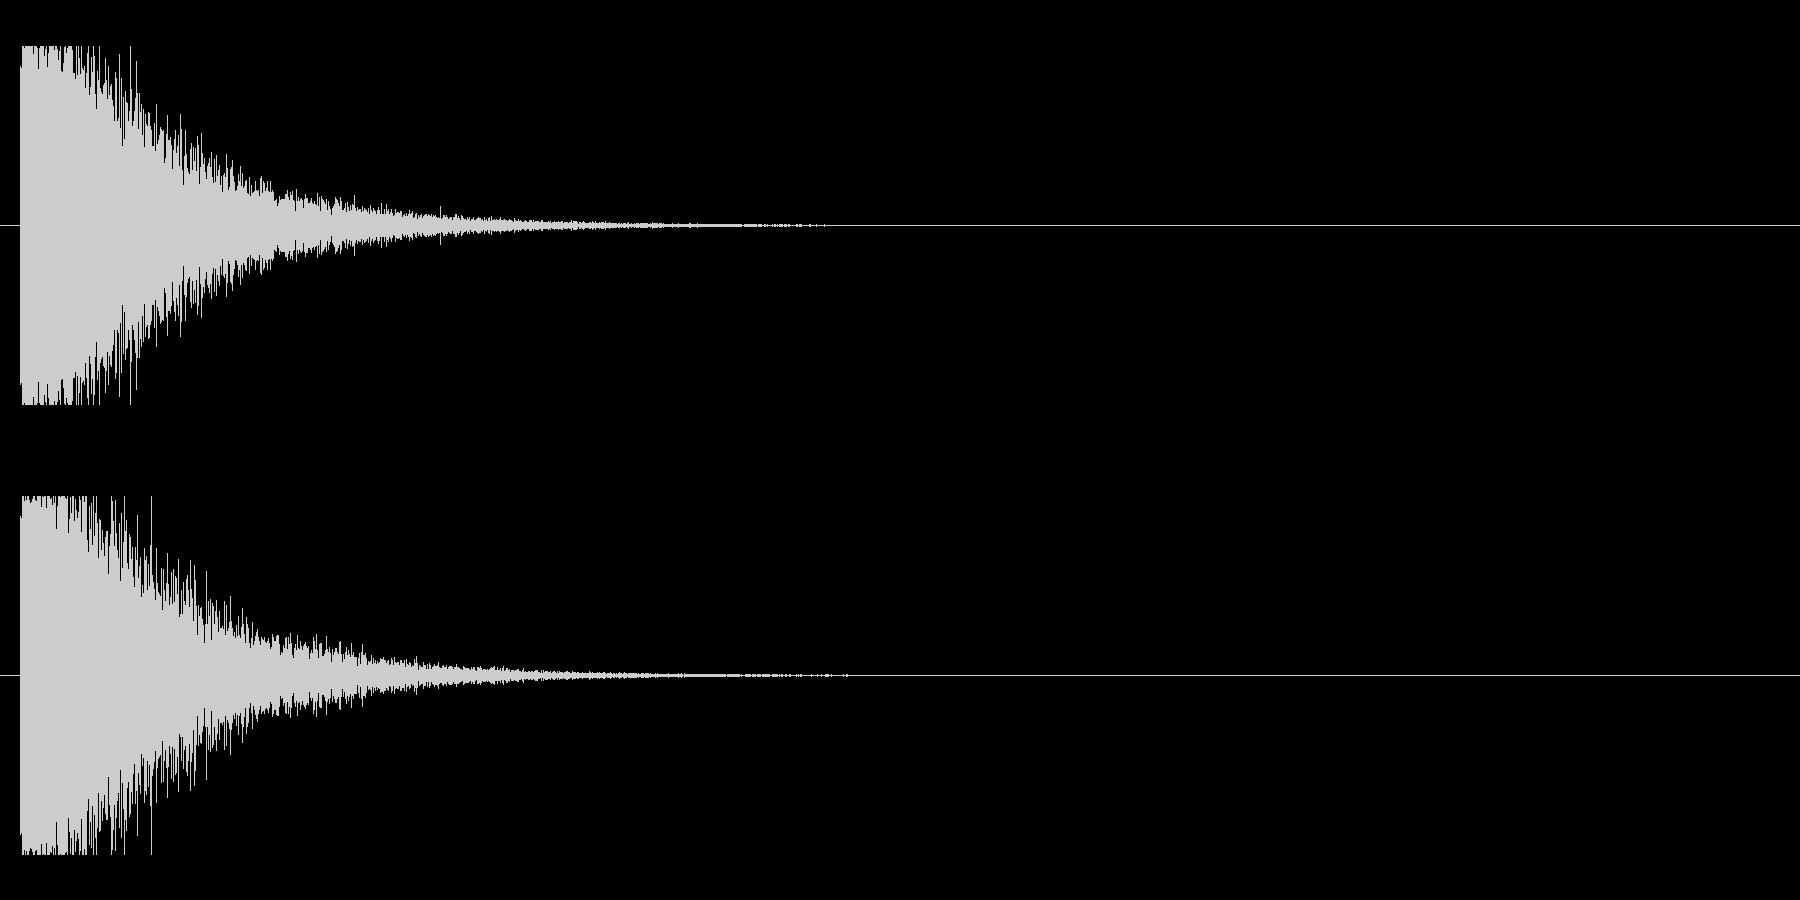 レーザー音-137-1の未再生の波形